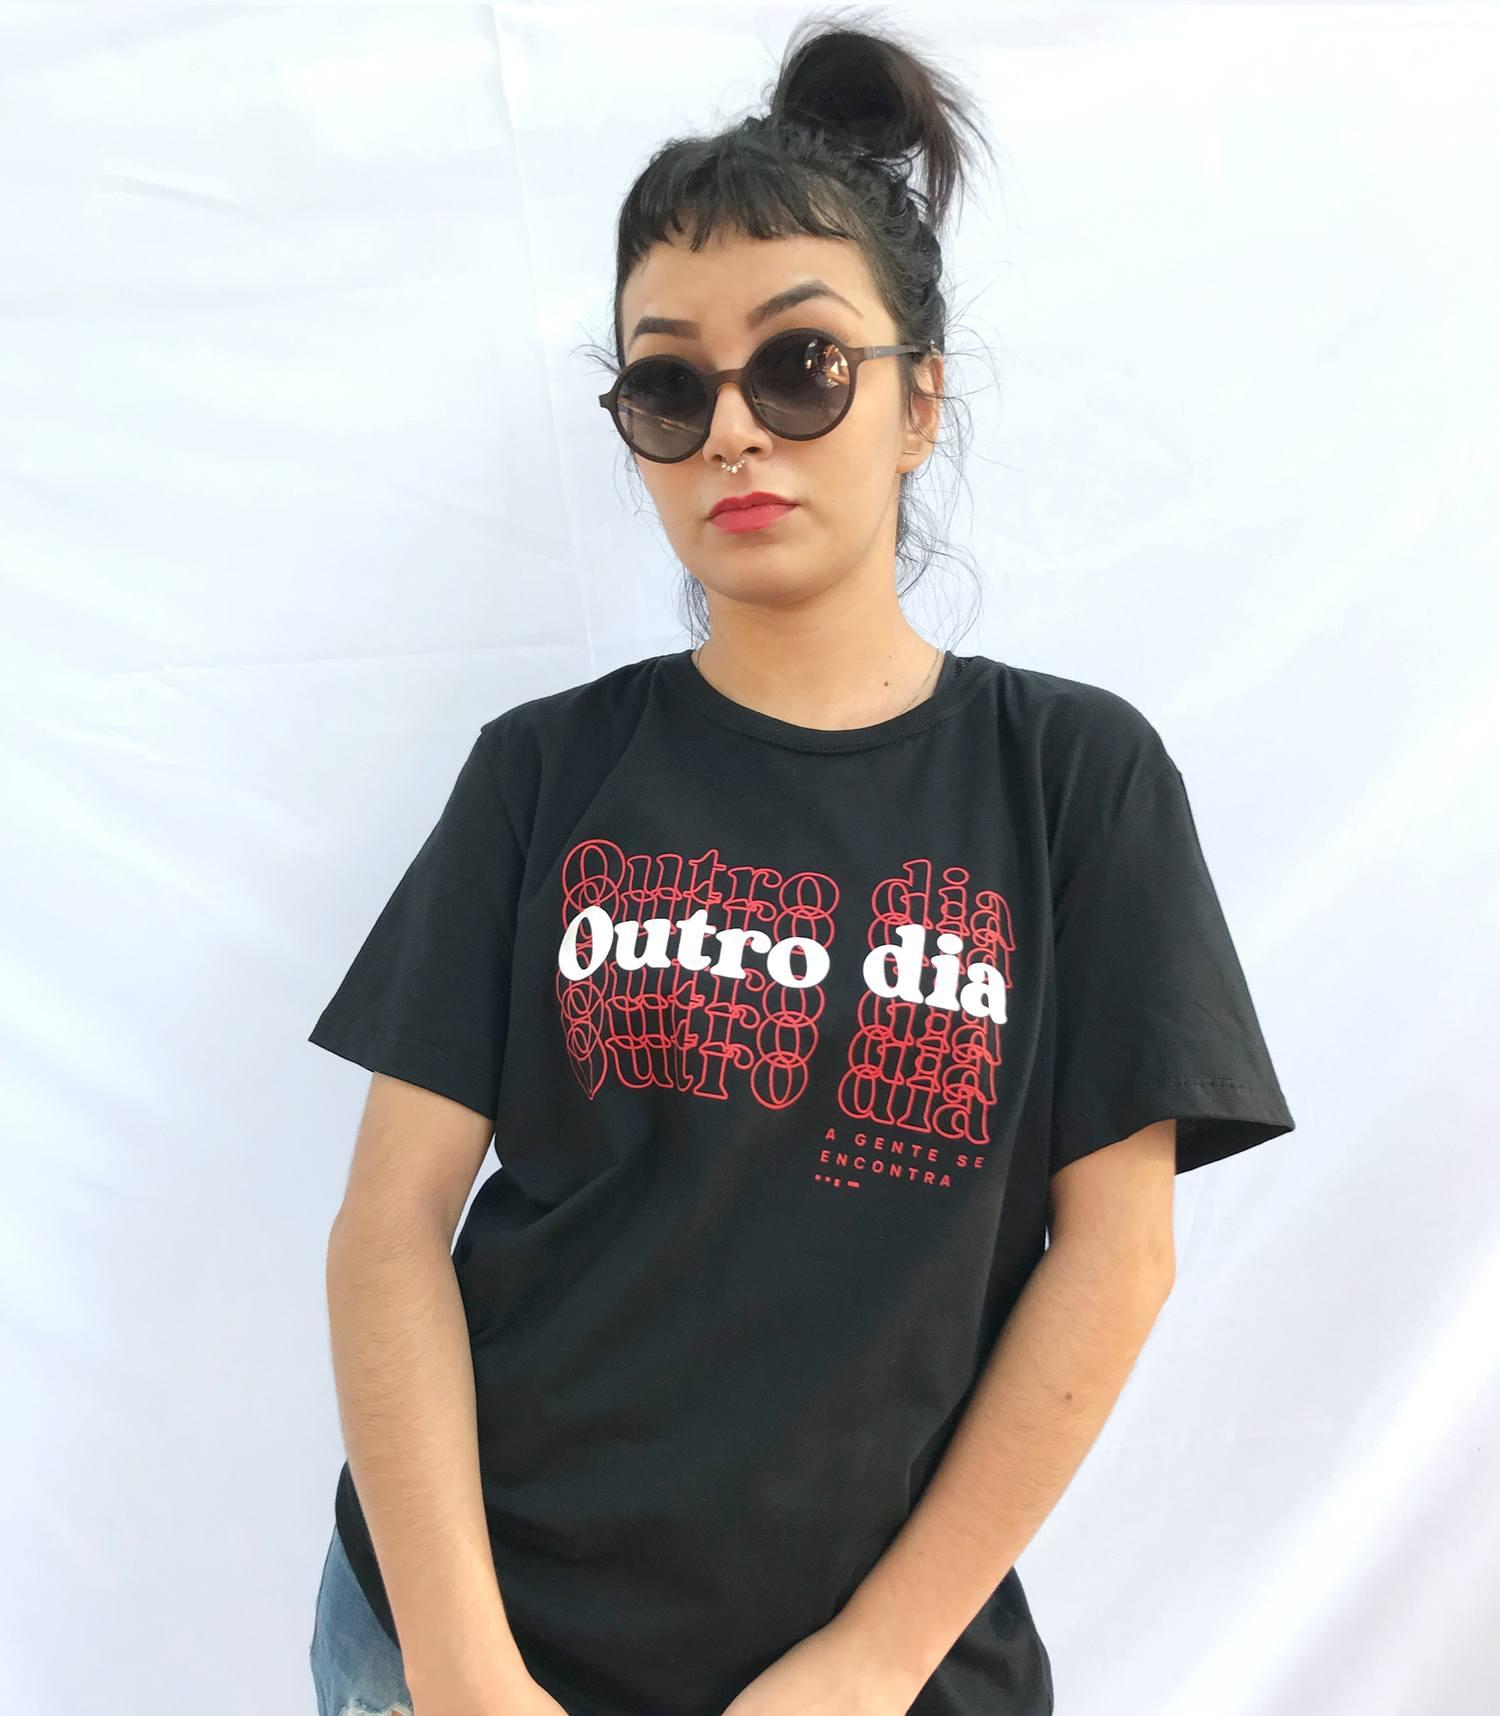 Camiseta Outro Dia Jiló